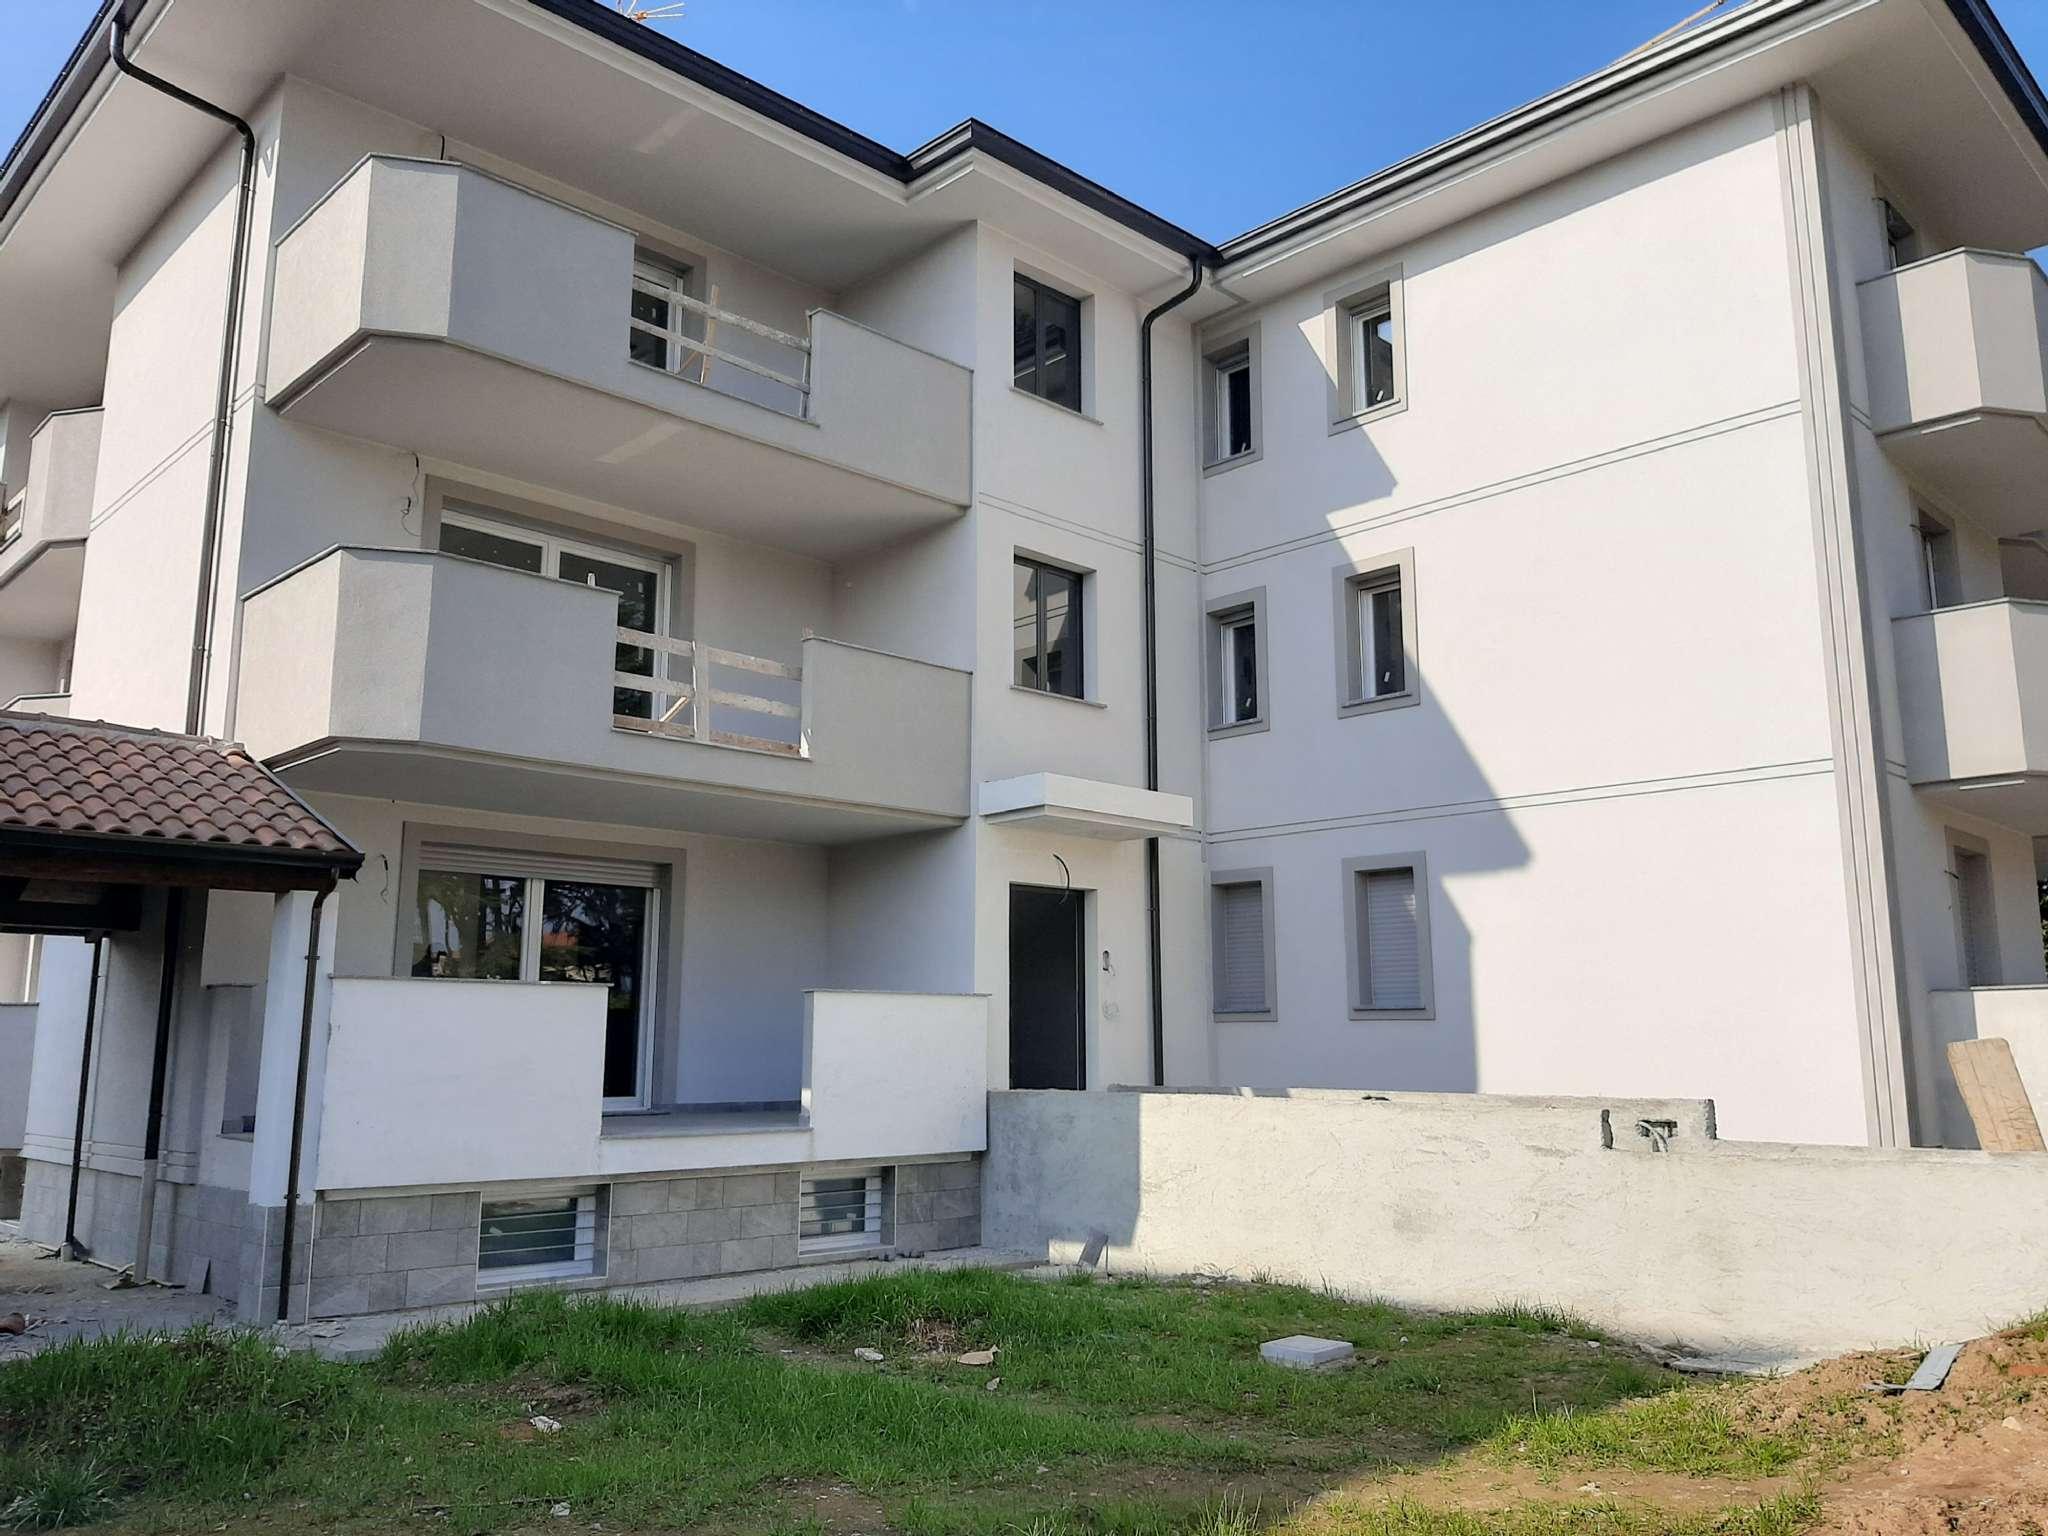 Appartamento in vendita a Vittuone, 4 locali, prezzo € 286.000 | PortaleAgenzieImmobiliari.it